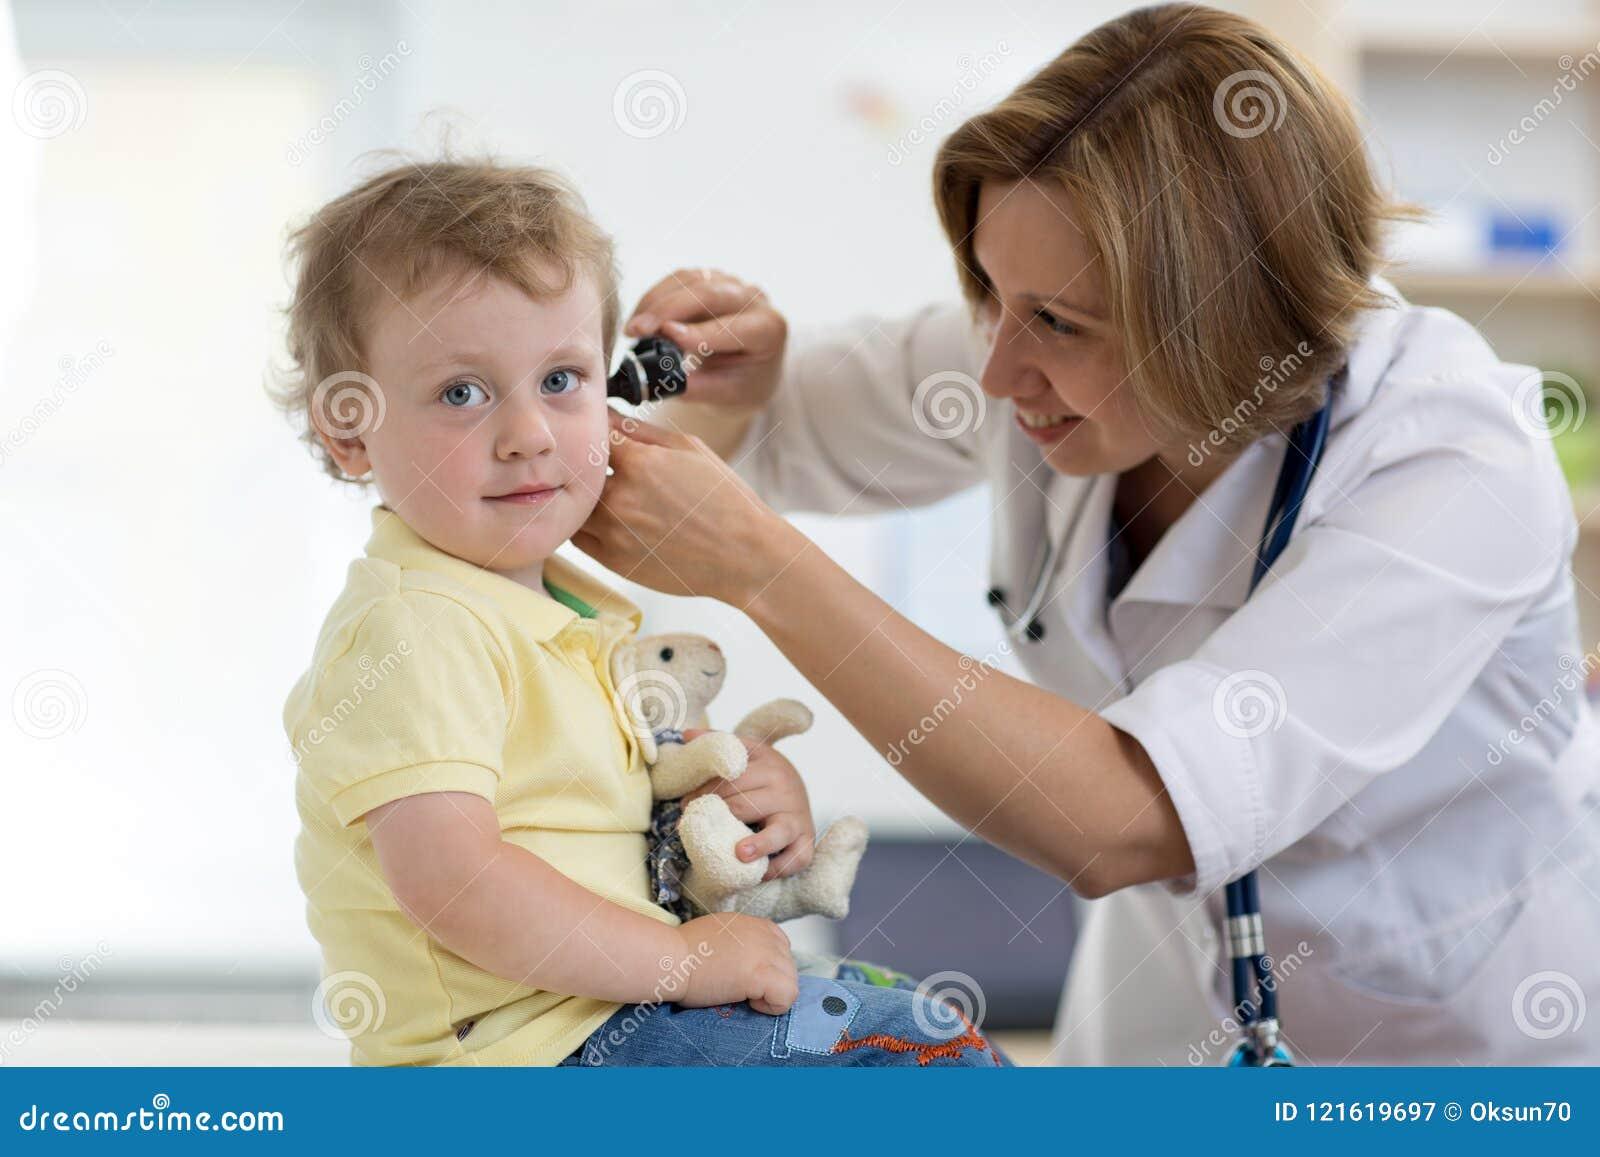 Doktor überprüft Ohr mit Otoscope in einem Kinderarztraum Medizinische Ausrüstung